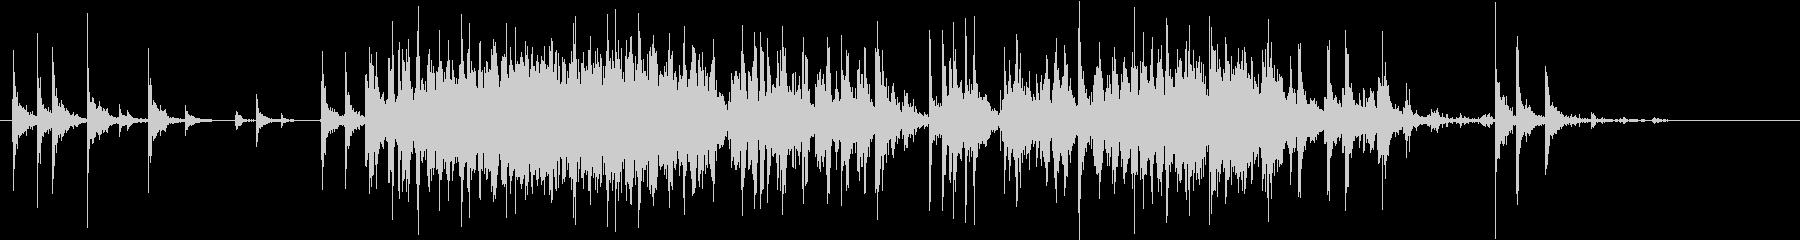 【生録音】米粒(生米)を取り出す音 4の未再生の波形